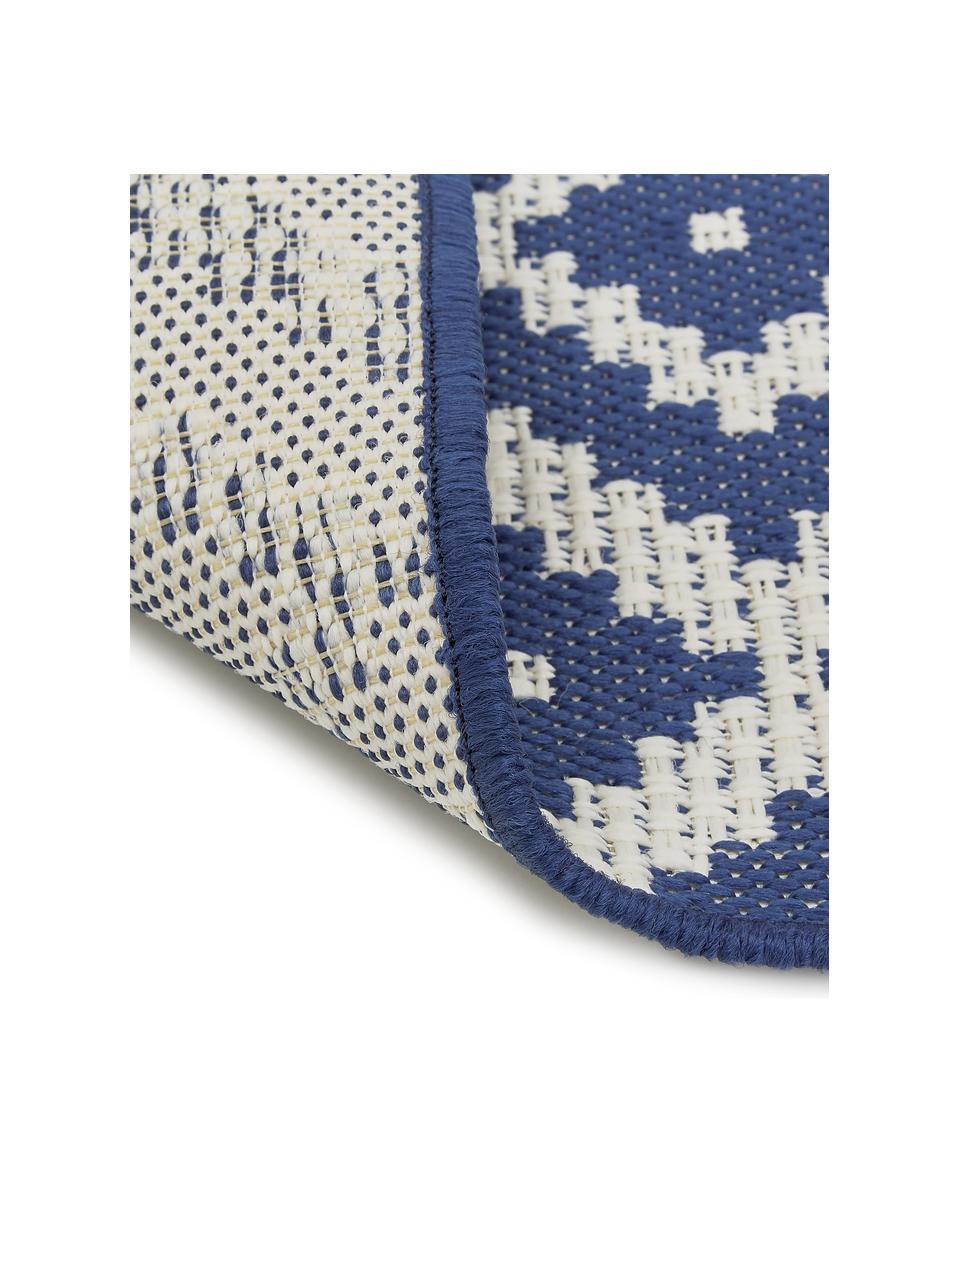 Chodnik wewnętrzny/zewnętrzny Miami, 86% polipropylen, 14% poliester, Kremowobiały, niebieski, S 80 x D 250 cm